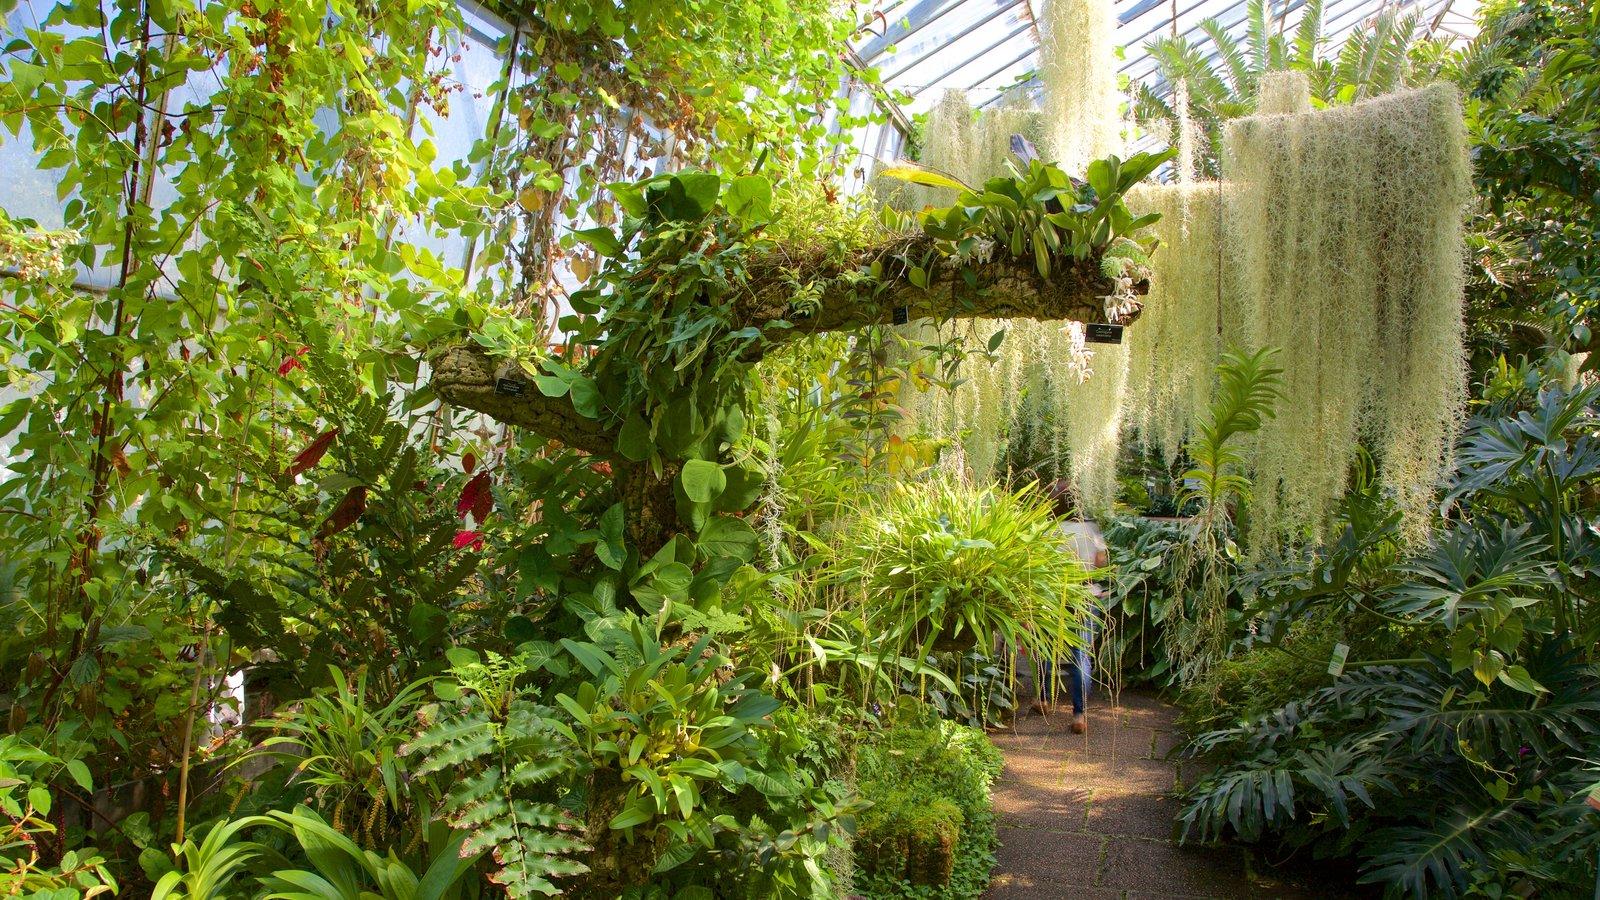 Real Jardín Botánico mostrando vistas interiores, un parque y escenas tropicales